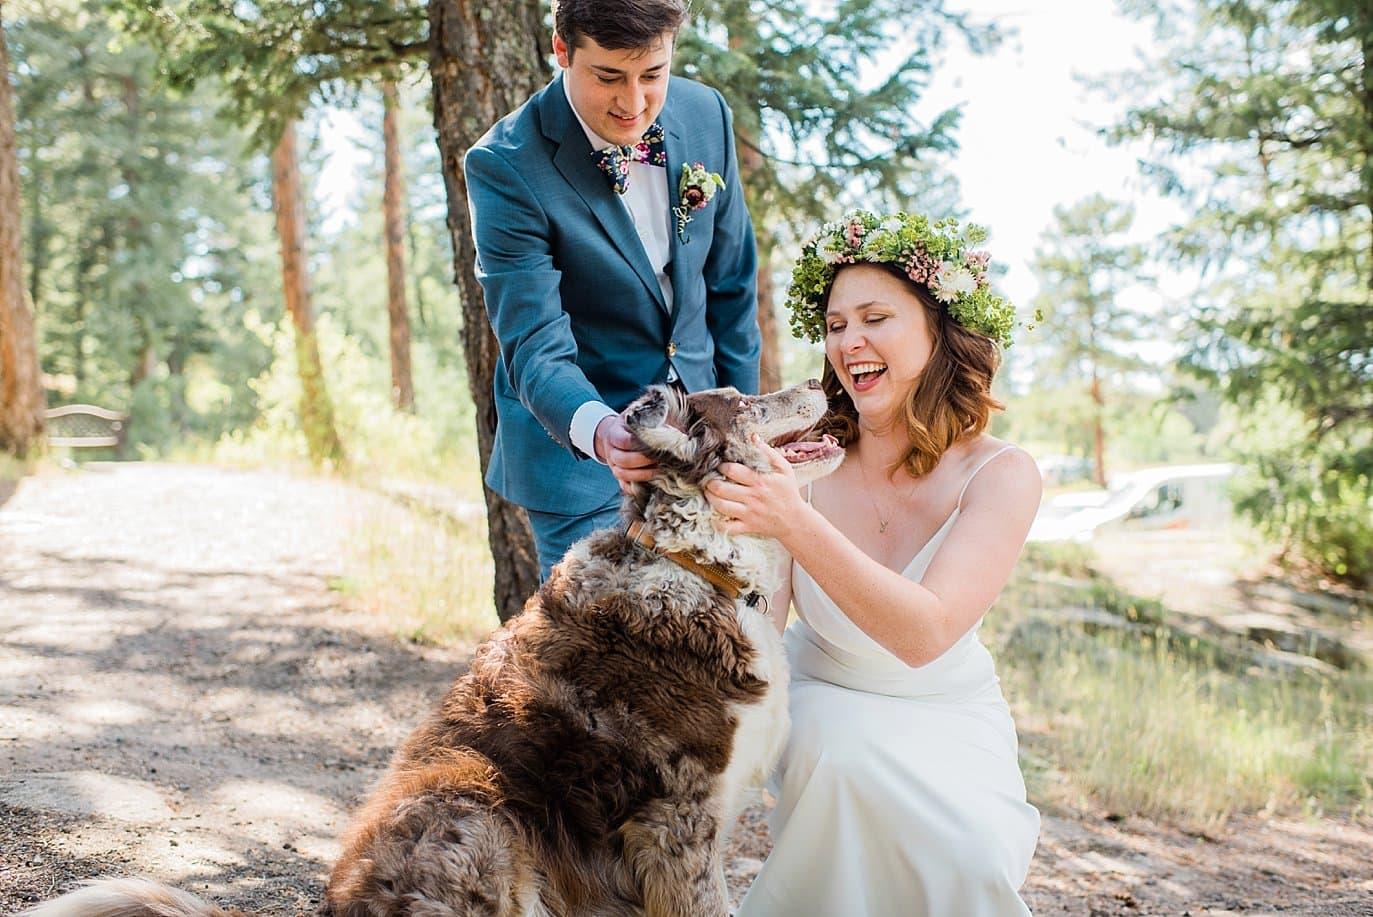 bride and groom with dog colorado wedding photo